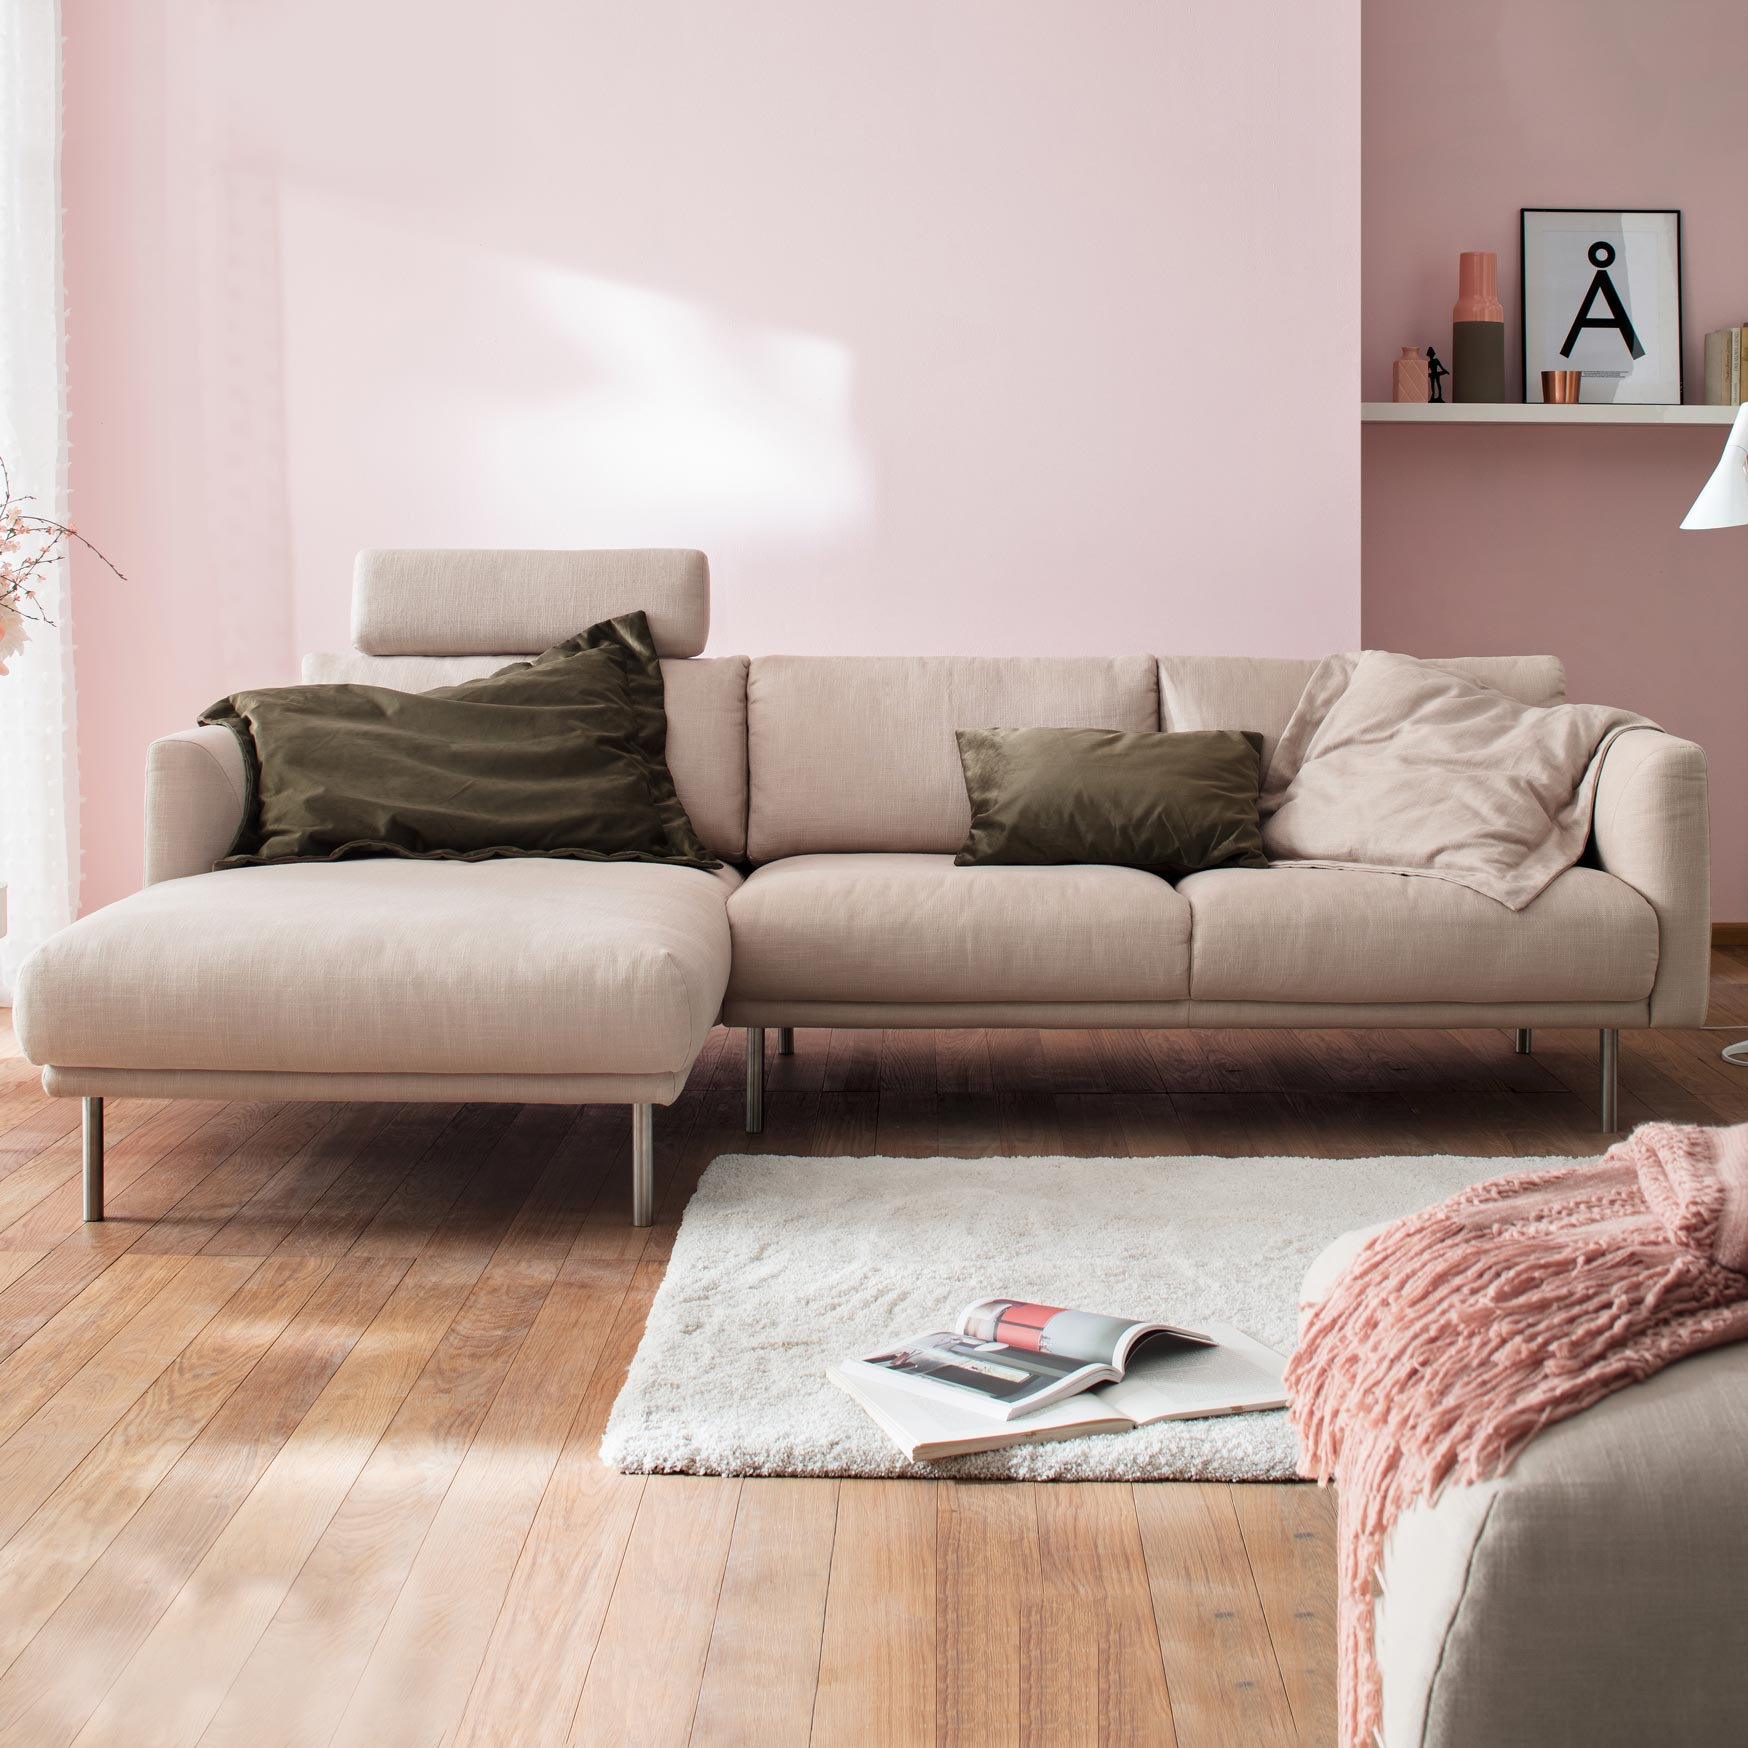 Modish Sofa Darlington Stoff von Bär - Möbel Bär AG LL-49